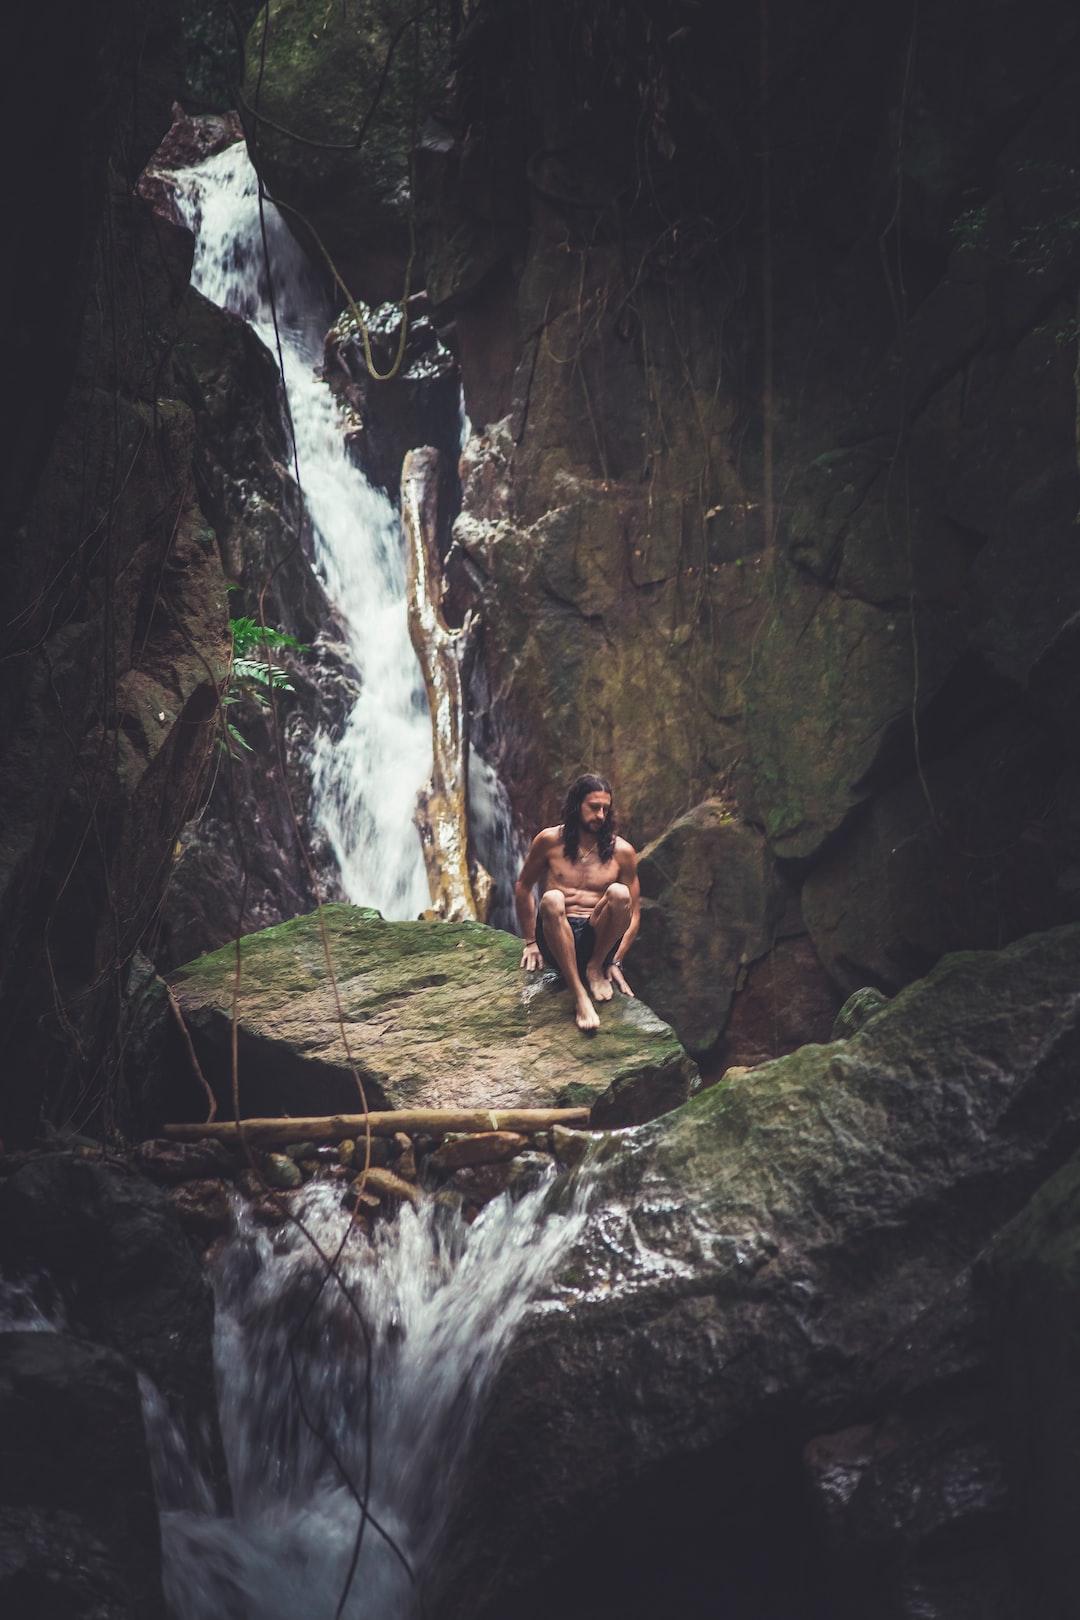 A real-life Tarzan!